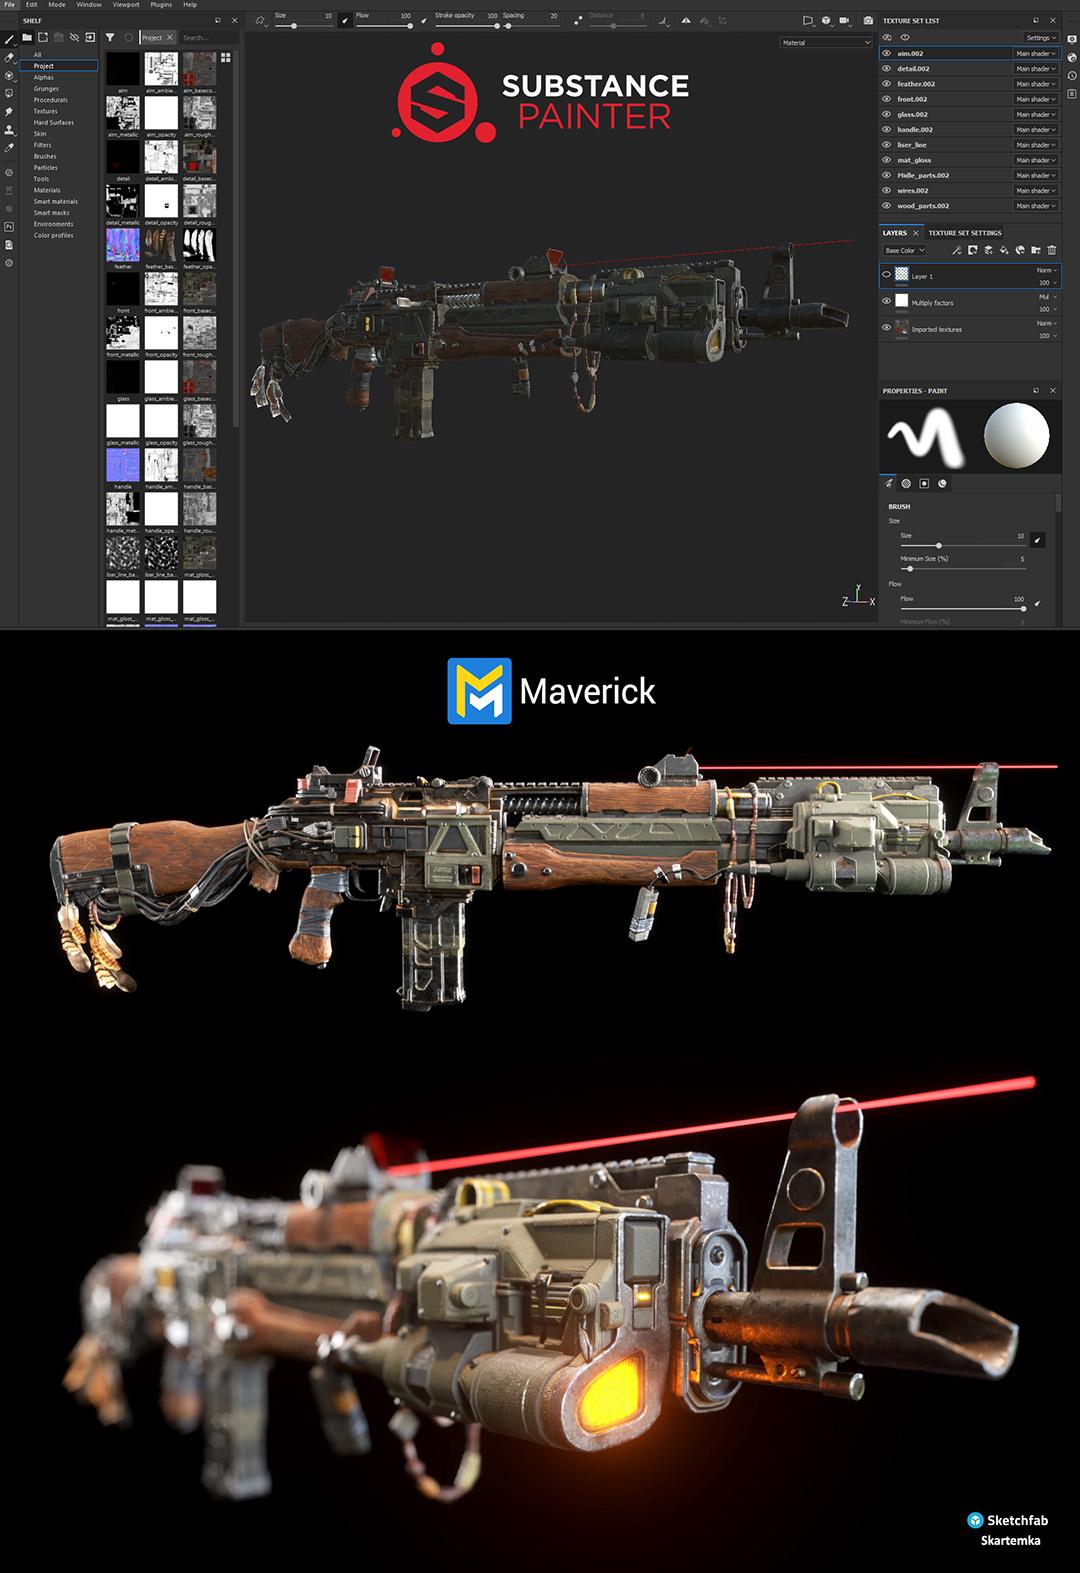 2020_01_04_MaverickRender_Better_Substance_Painter_Connection.jpg